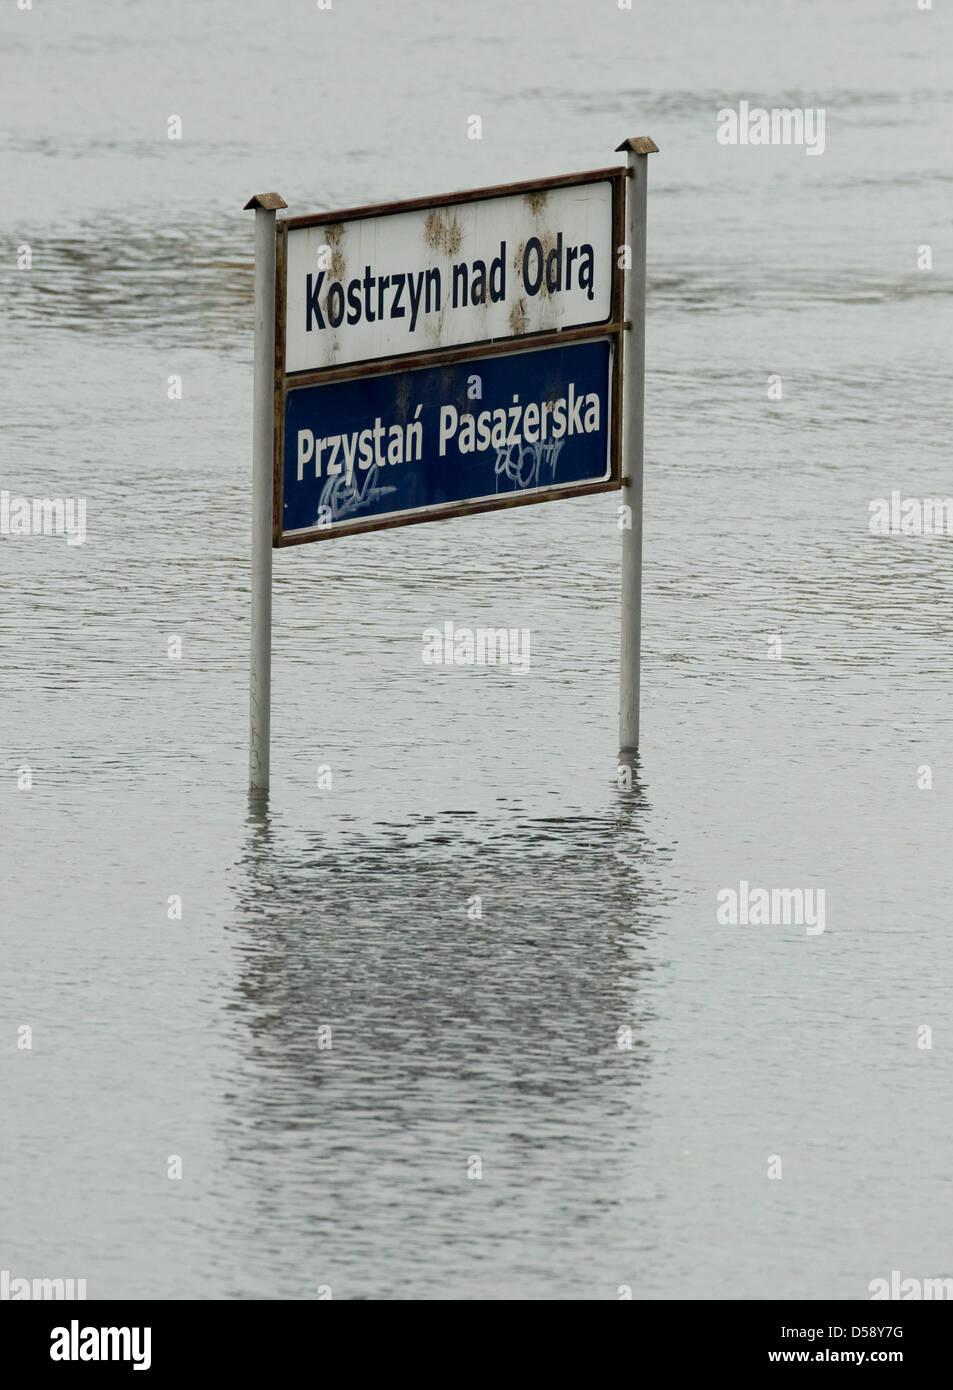 Las aguas rodean la ciudad signo de Kostrzyn, Polonia, 30 de mayo de 2010. La Warthe desemboca en el río Oder Imagen De Stock